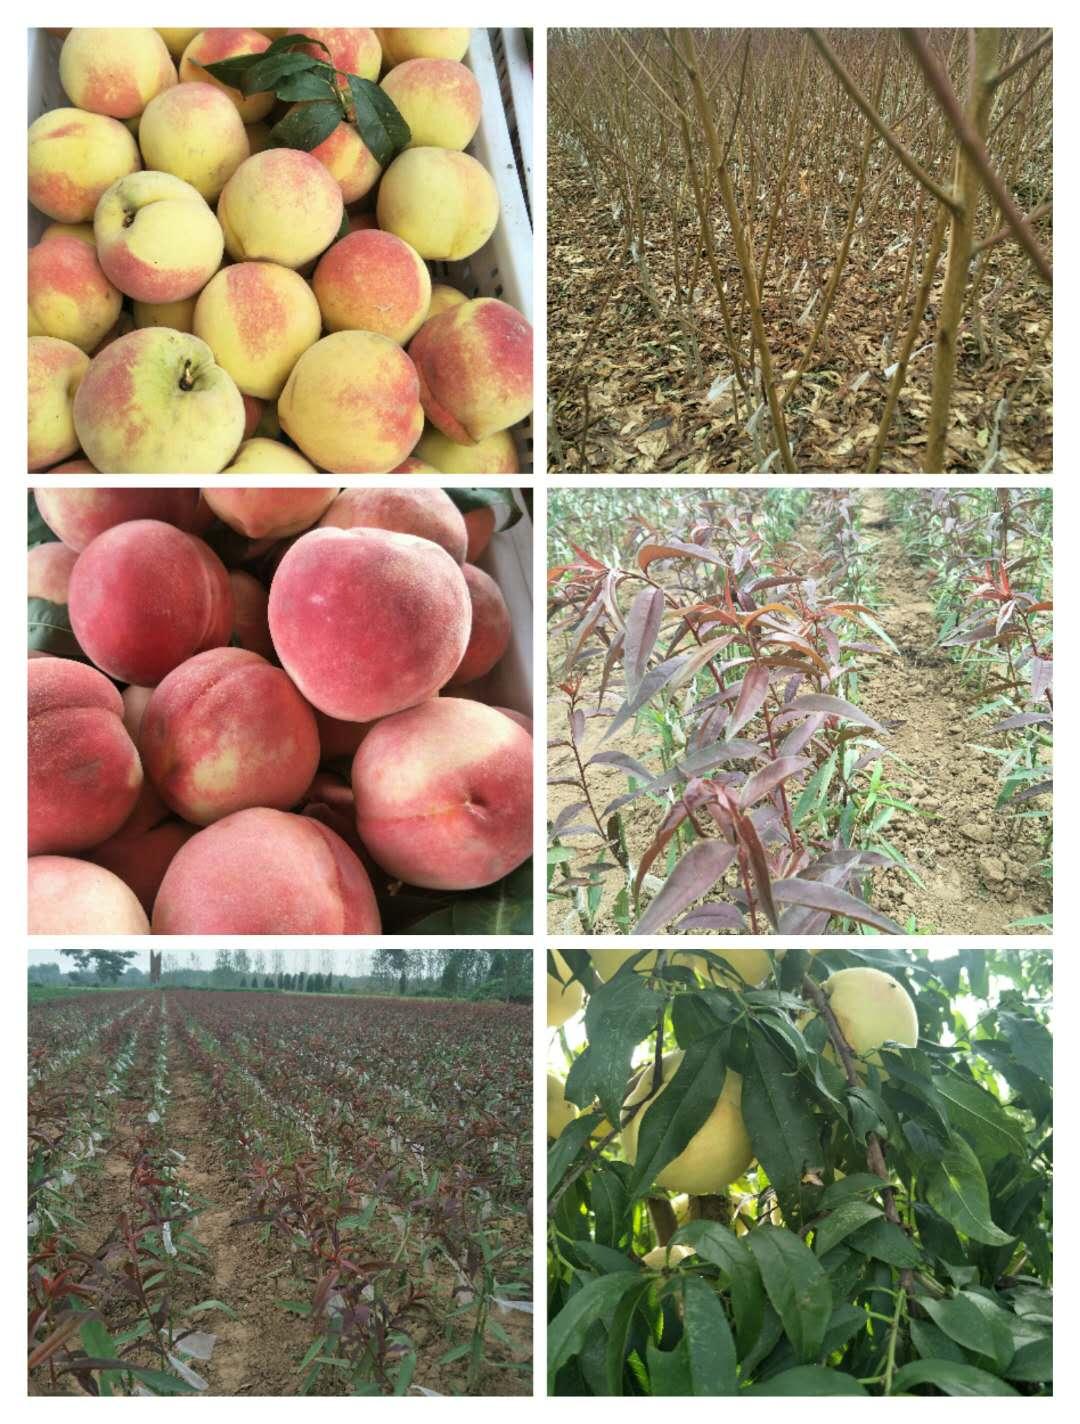 松原早熟的黄金蜜桃品种怎么样_价格优惠_品种大全